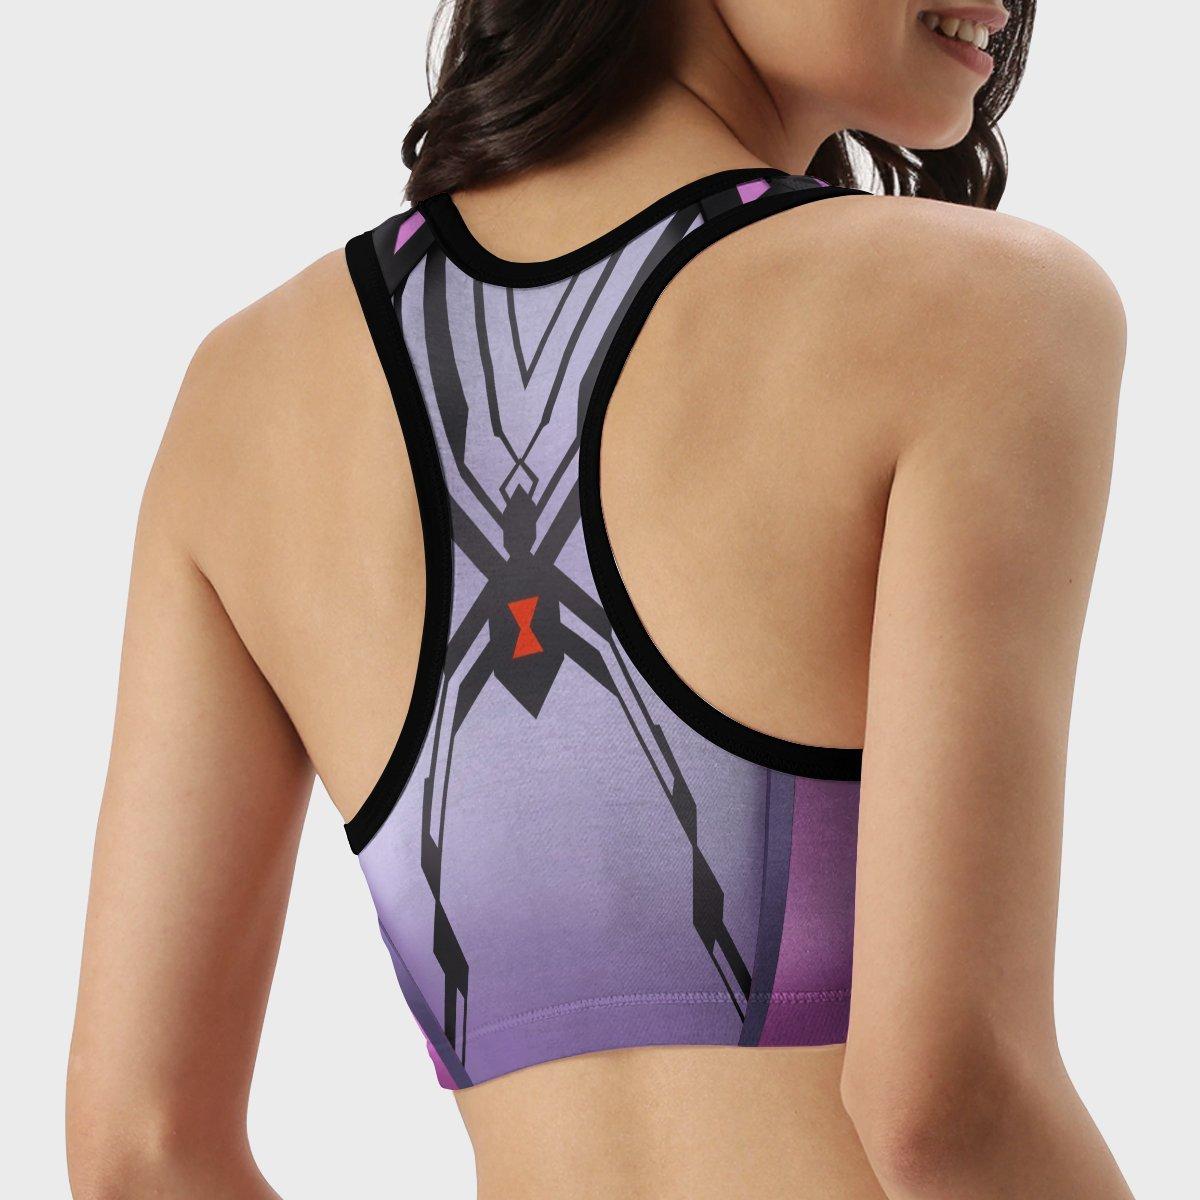 widowmaker summer active wear set 362118 - Anime Swimsuits